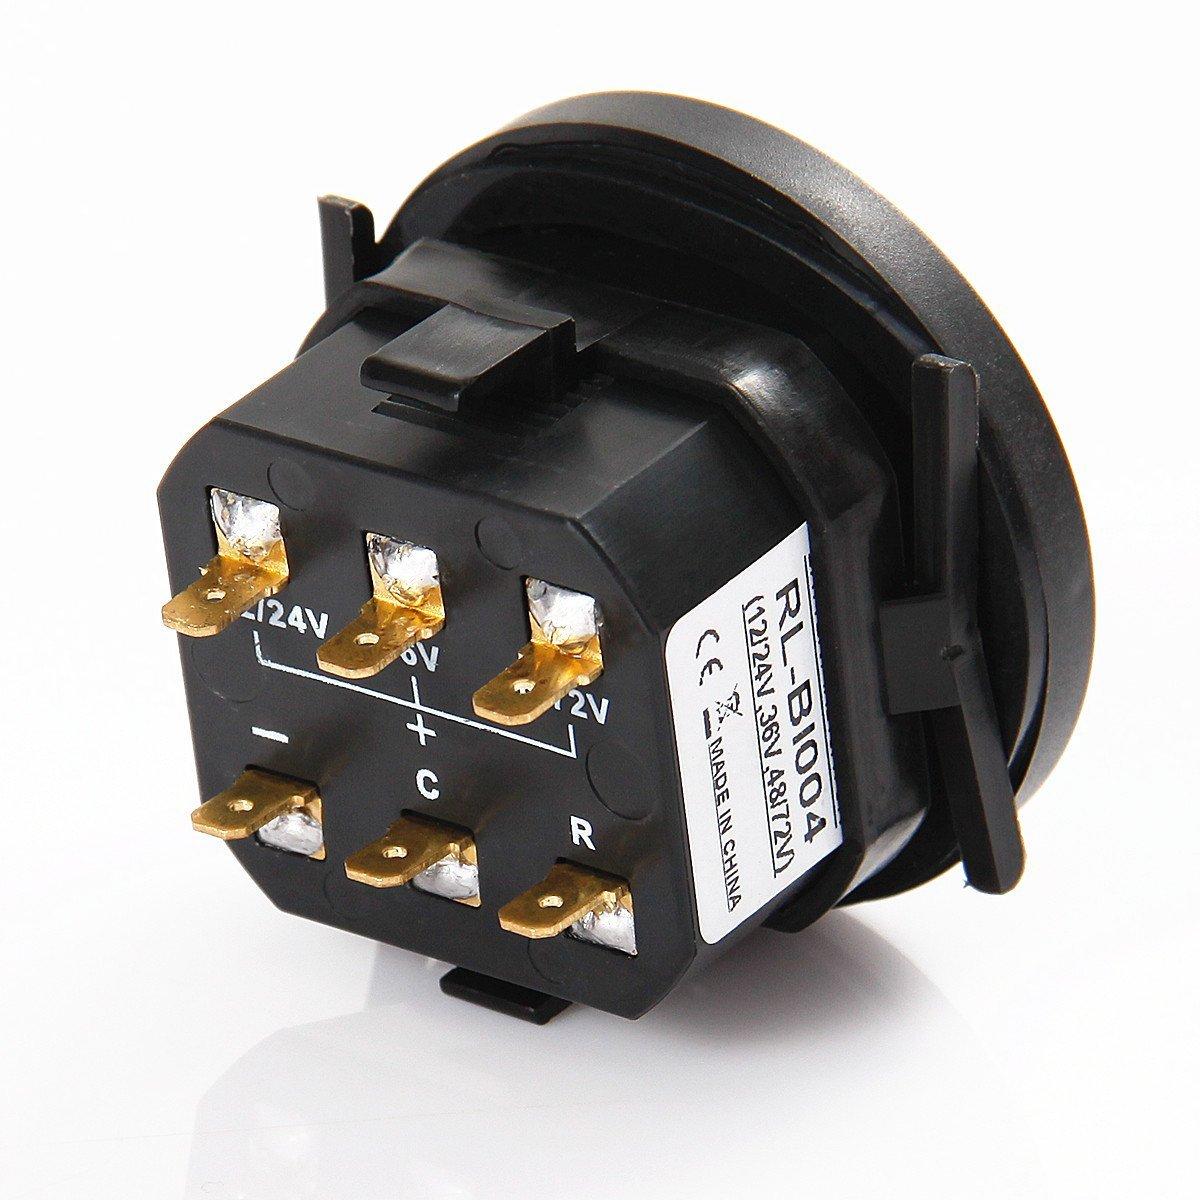 Searon Led 12v 24v 36v 48v 72v Digital Battery Indicator Low Voltage Beeper Using Cmos Timer Status Charge With Hour Meter Gauge Automotive